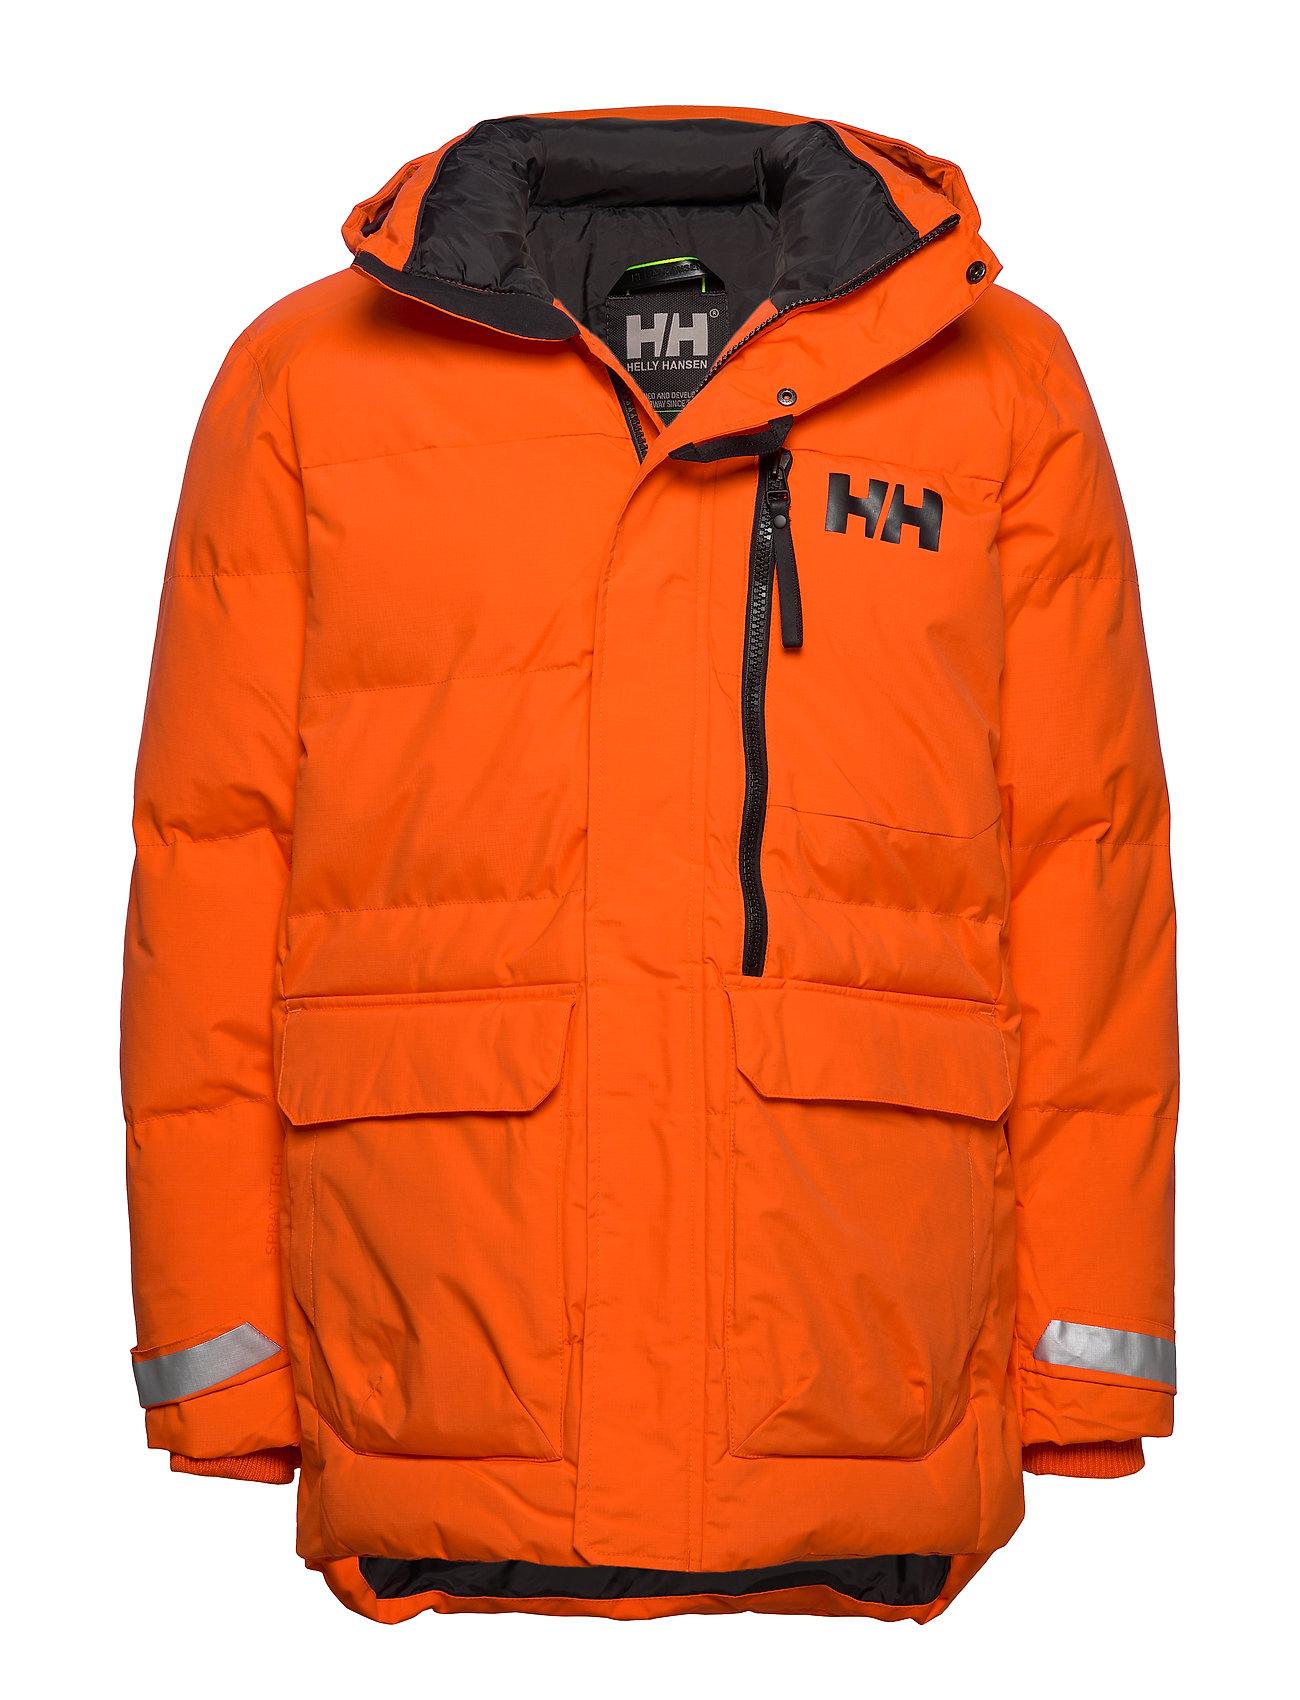 HELLY HANSEN Tromsoe Jacket Parka Jacke Orange HELLY HANSEN